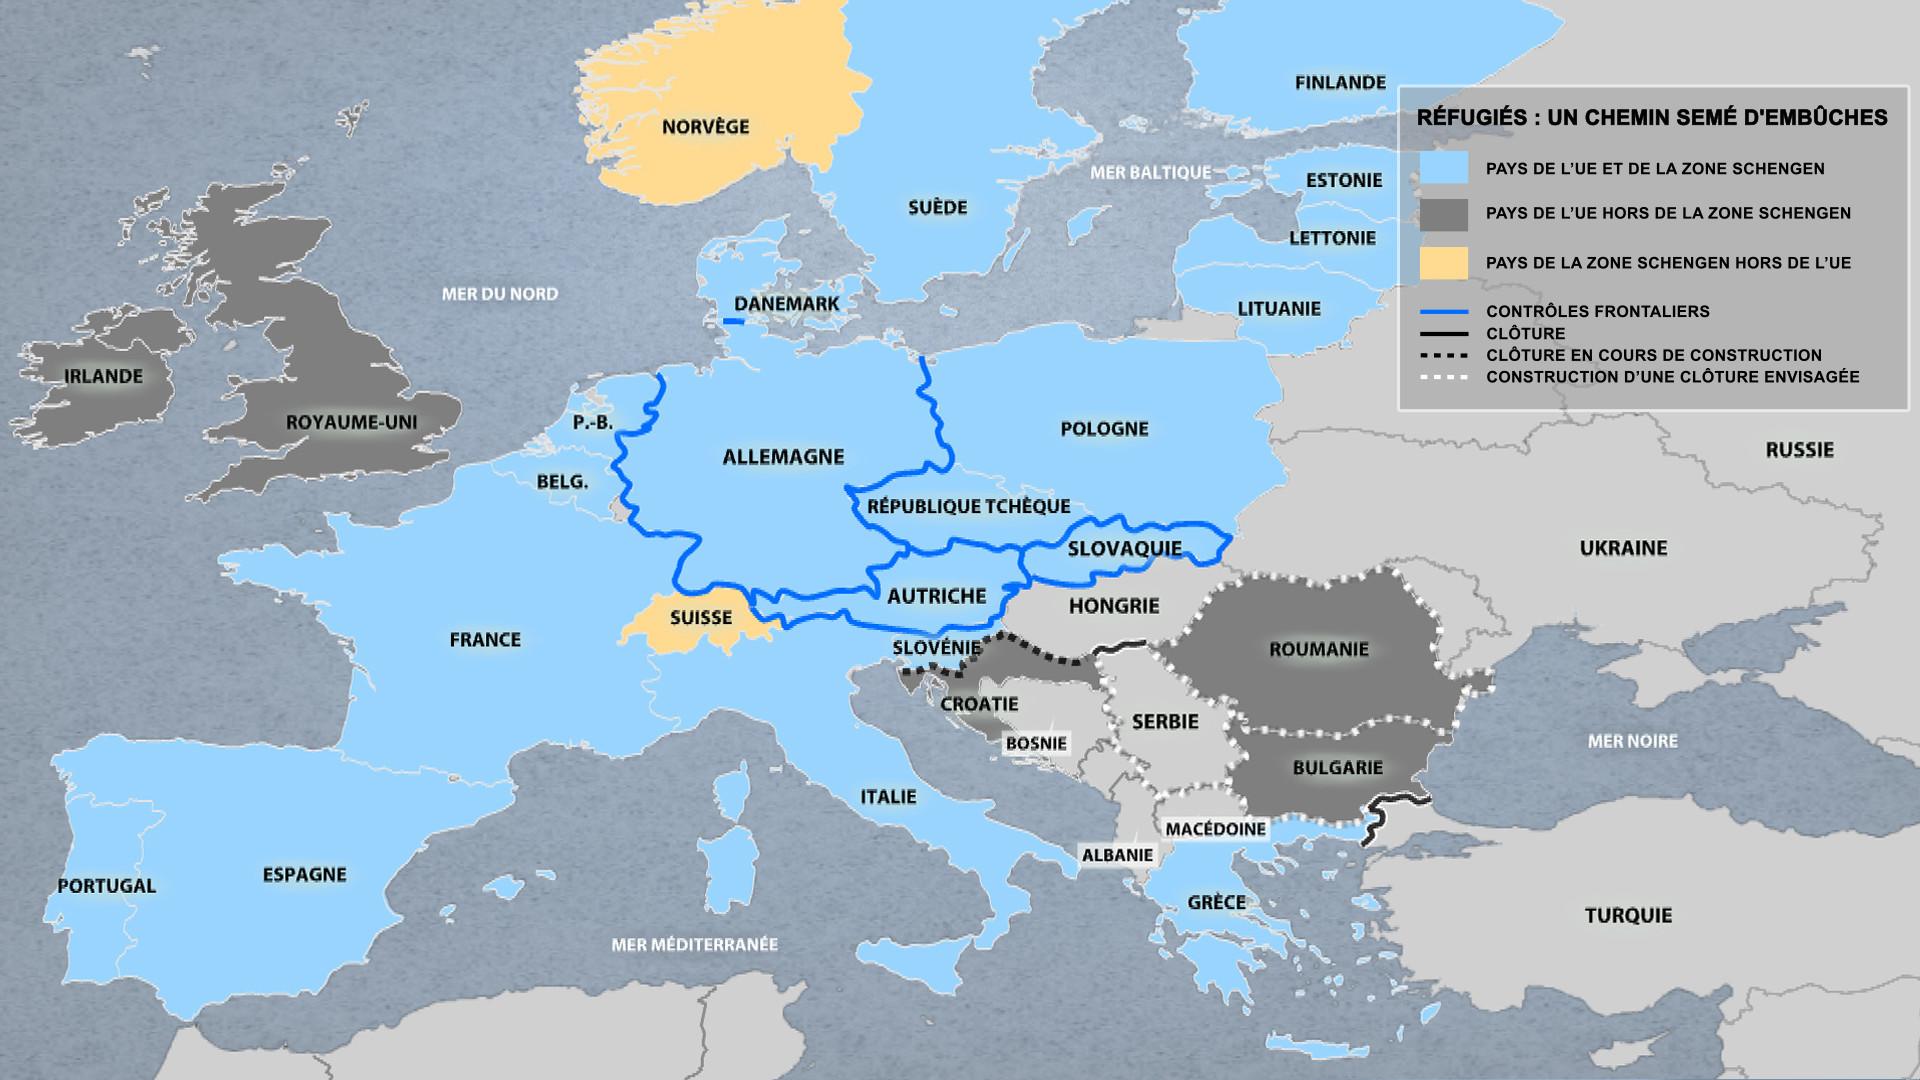 Une carte montre comment l'Europe devient une forteresse anti-réfugiés